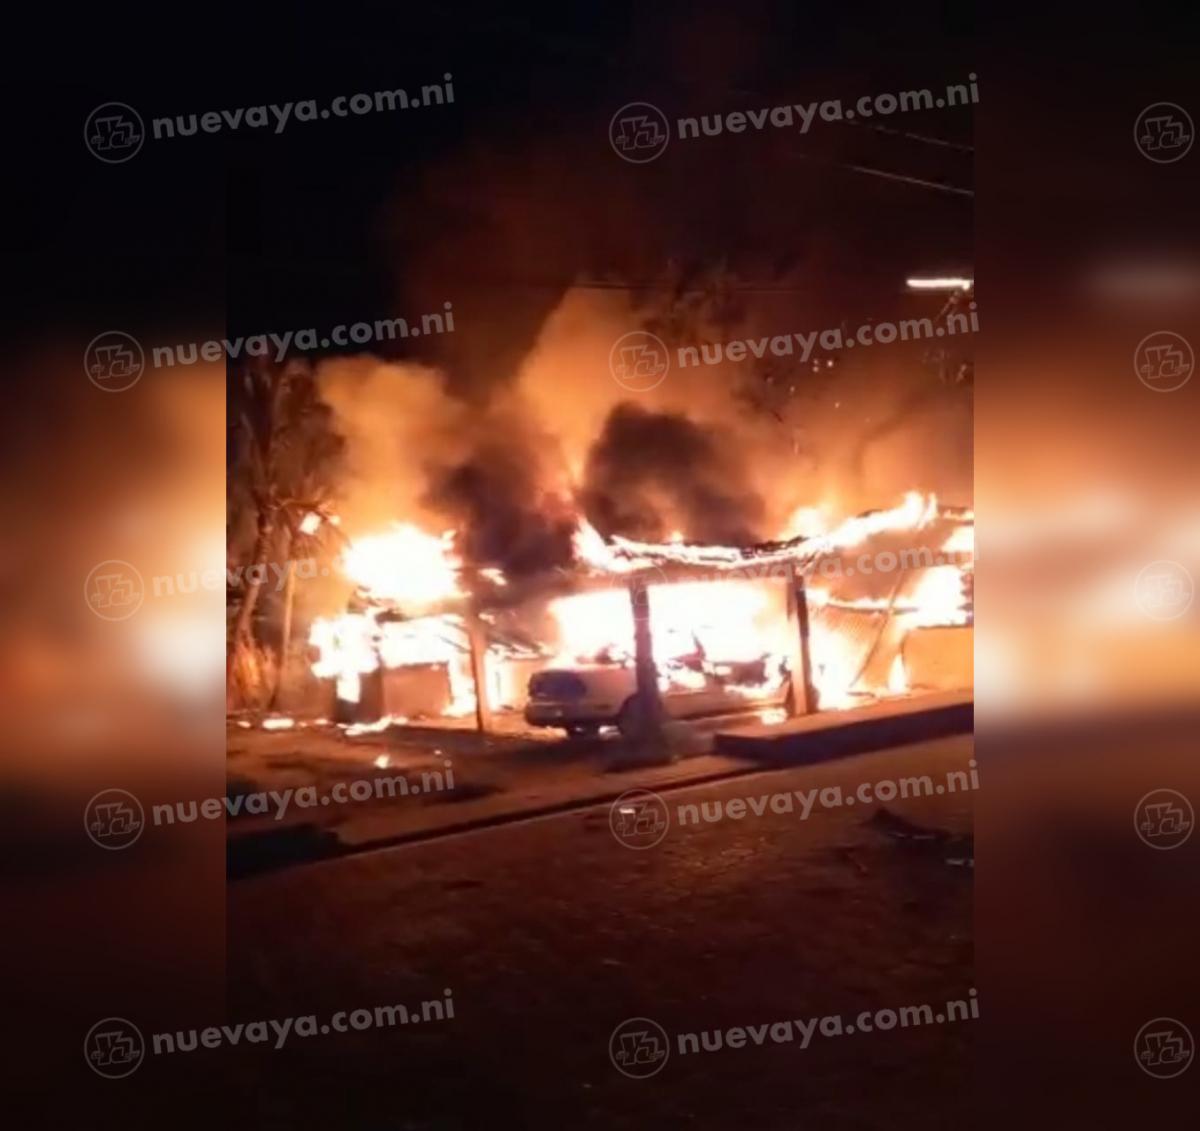 Dos viviendas se quemaron esta madrugada en Bilwi